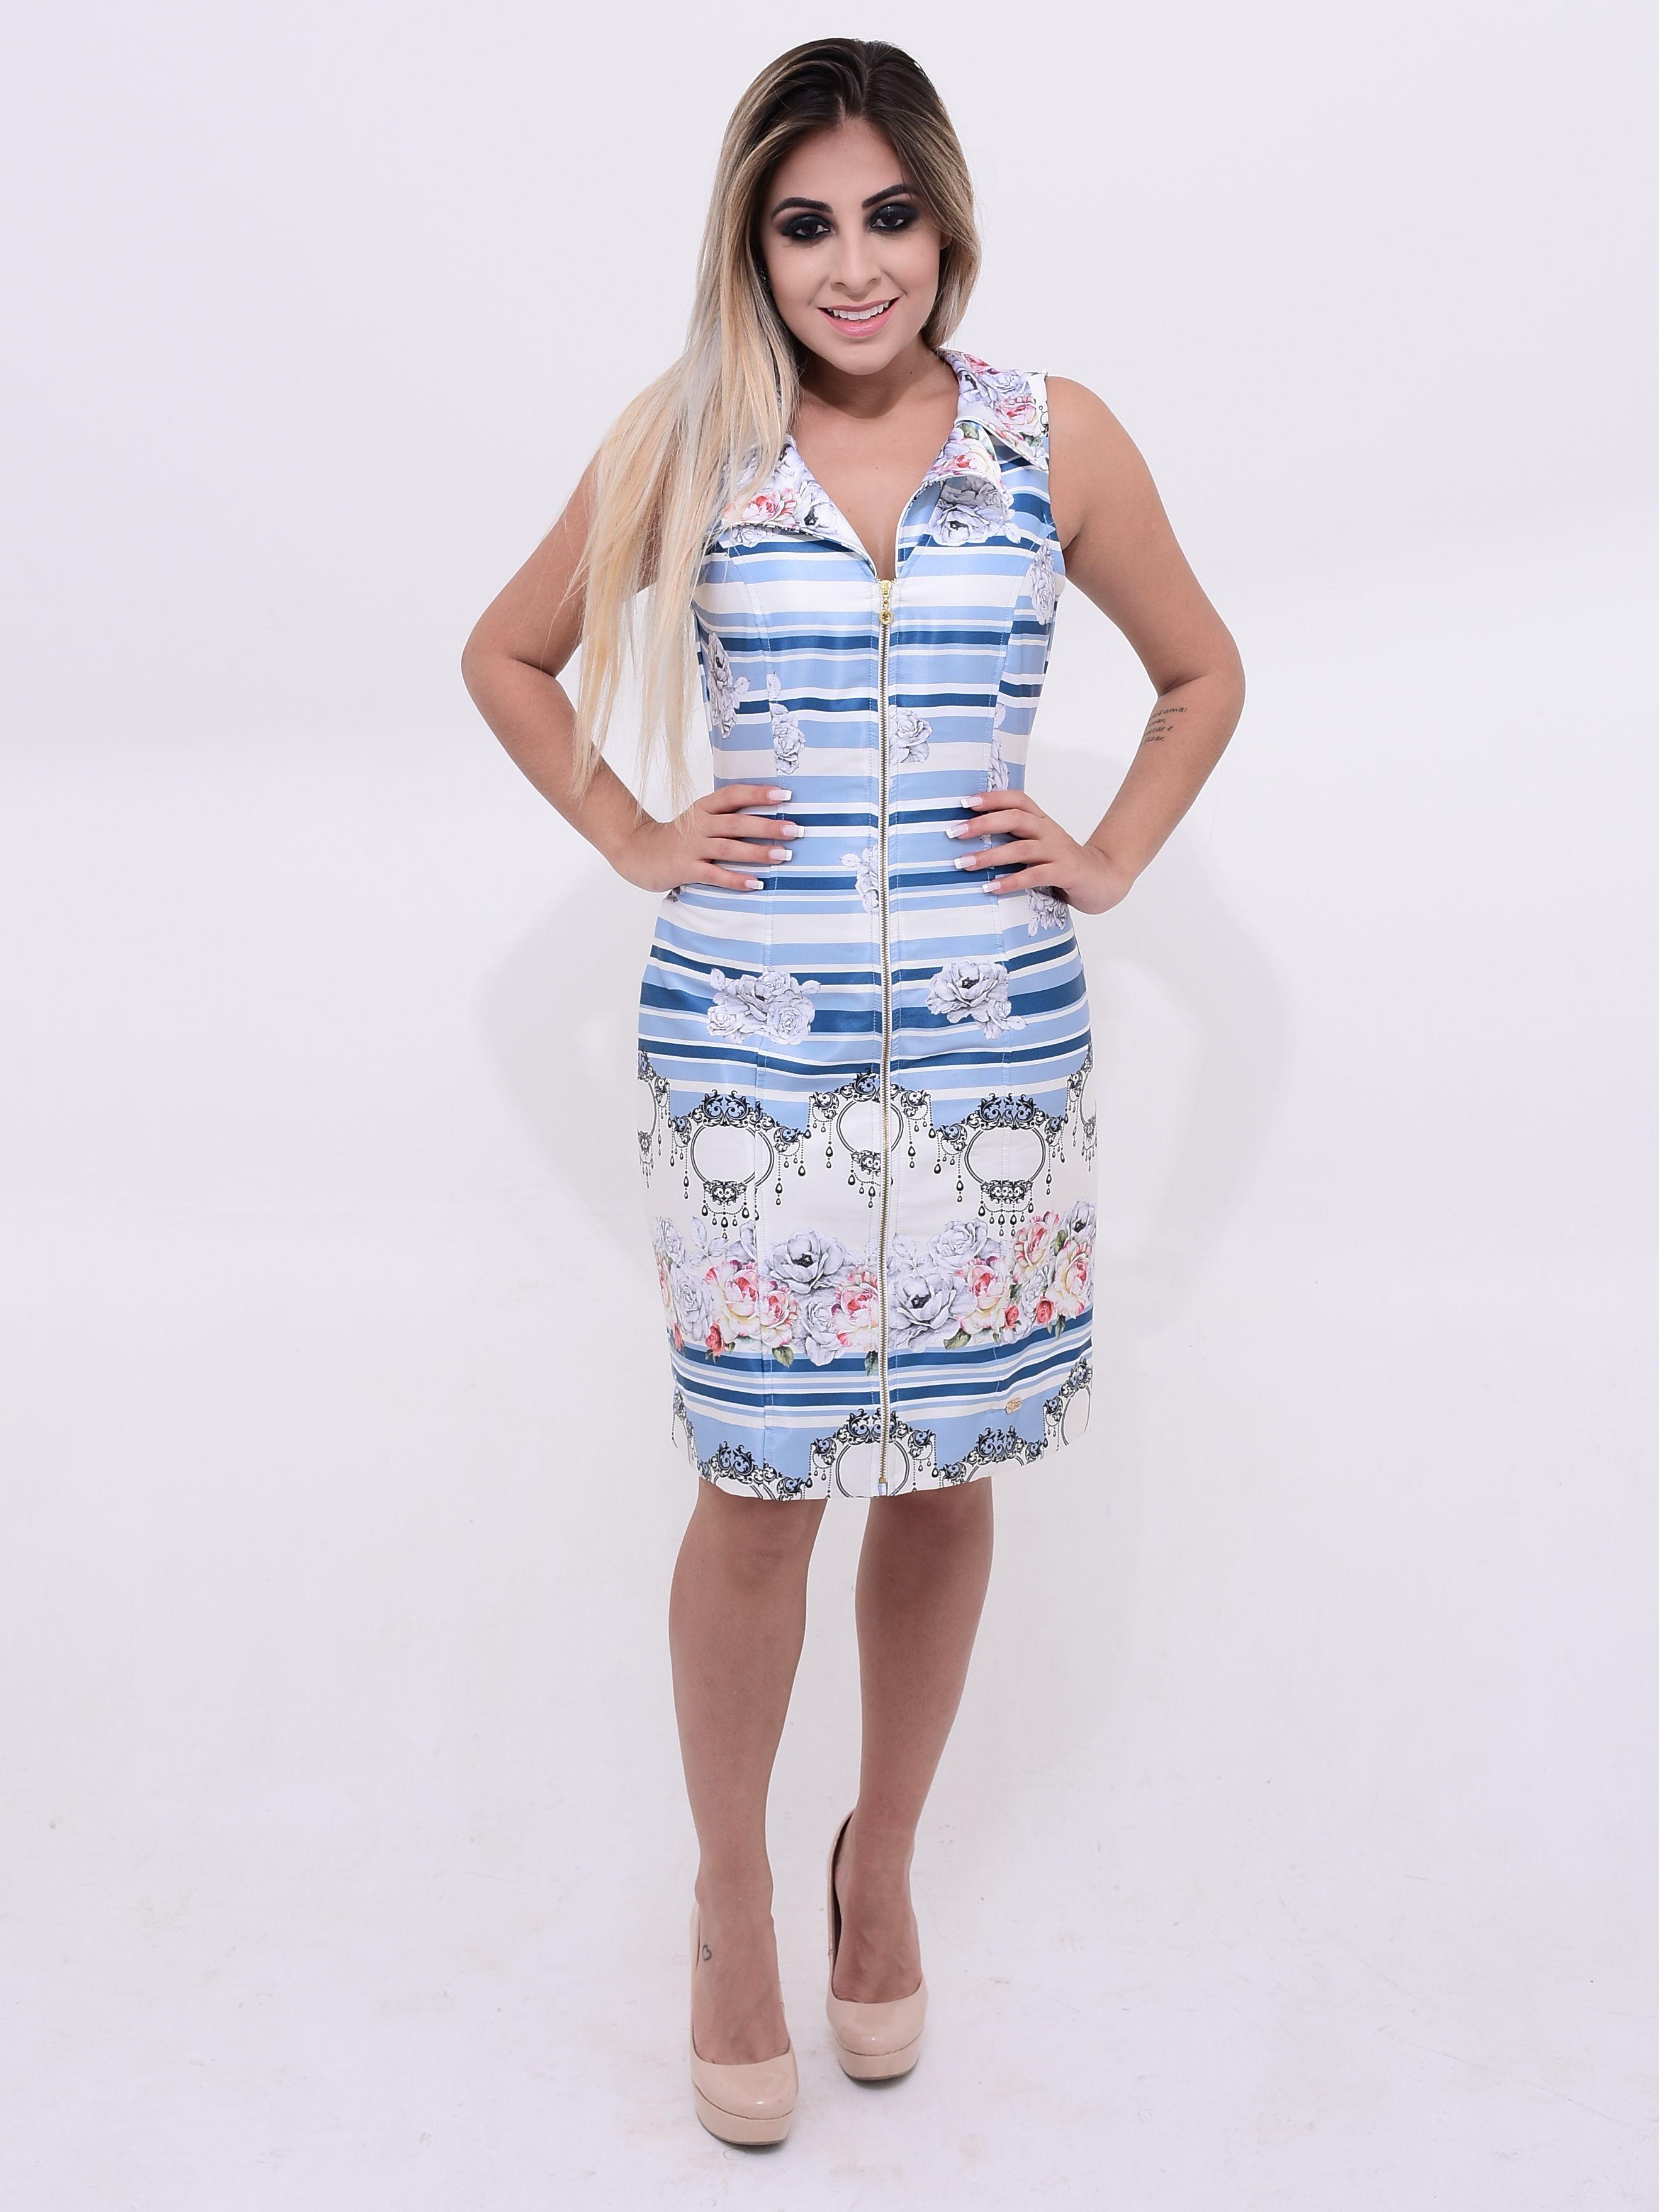 fba9a9be5 O vestido possui decote de zíper que auxilia na hora de amamentar ...